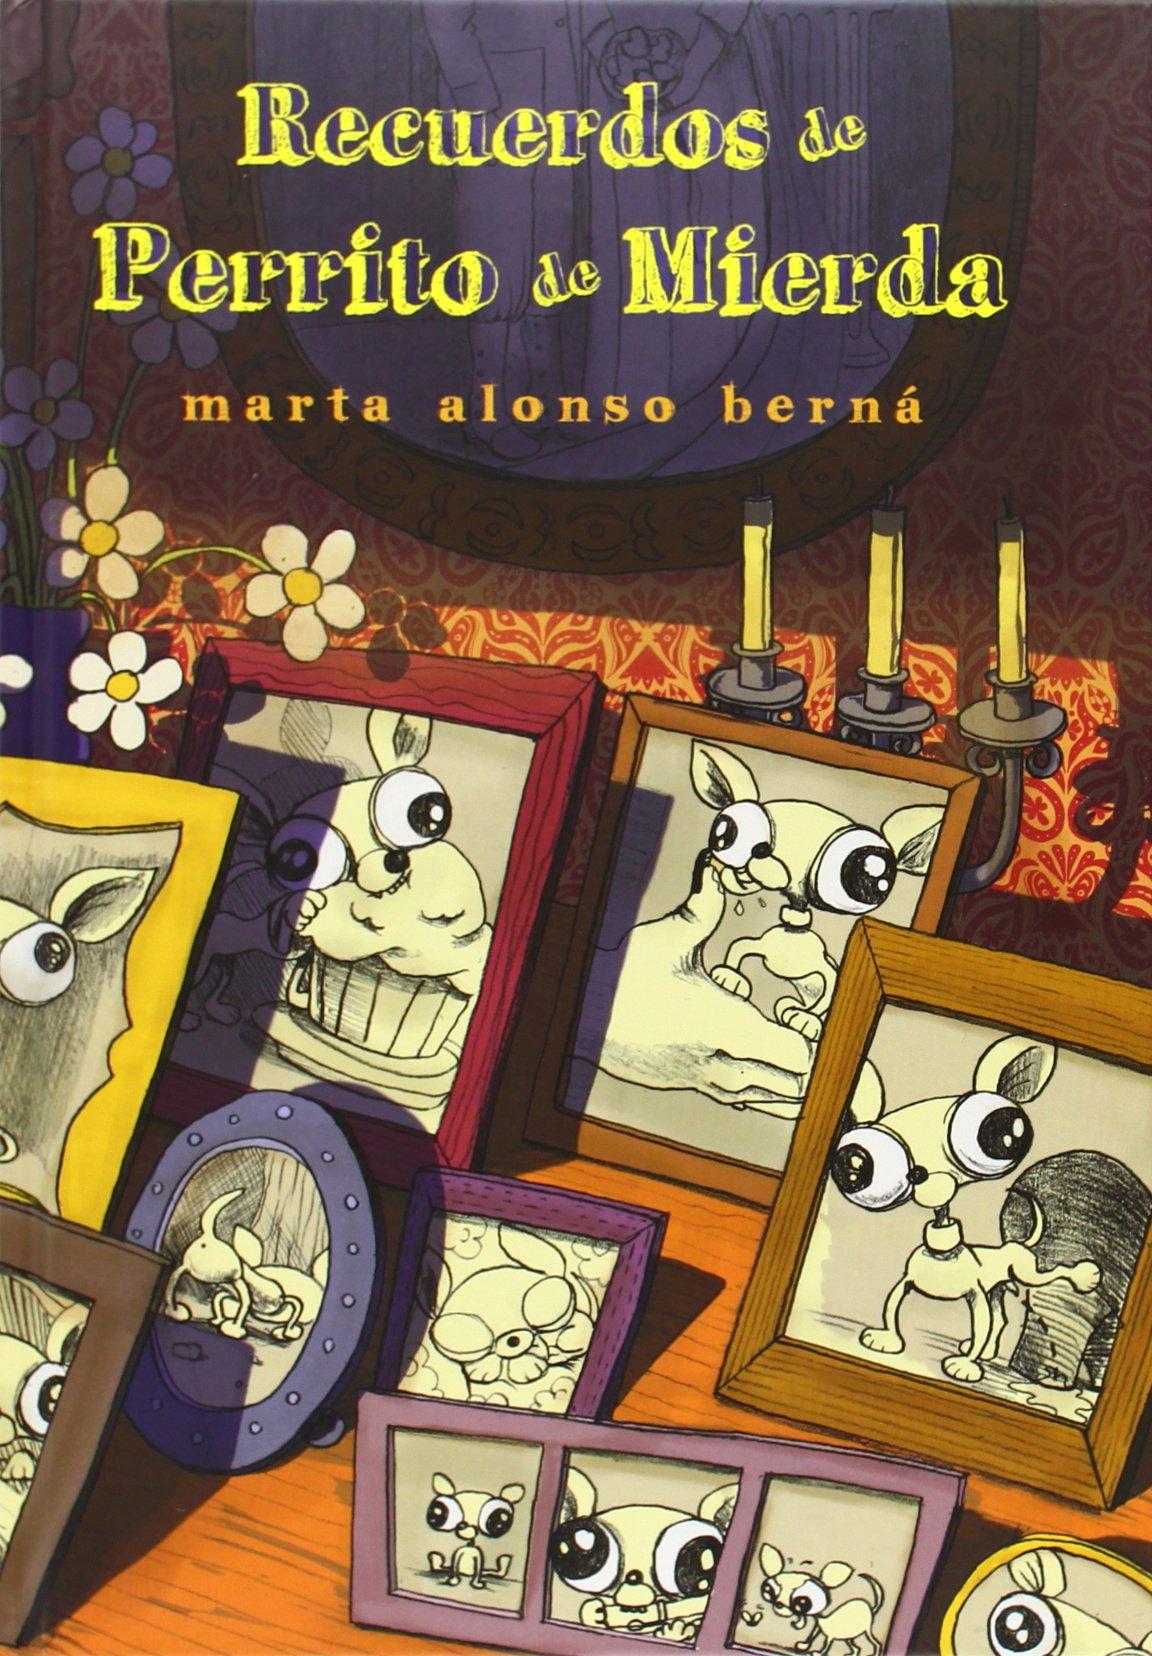 Recuerdos de Perrito de Mierda (Emociónate): Amazon.es: Alonso Berná, Marta: Libros